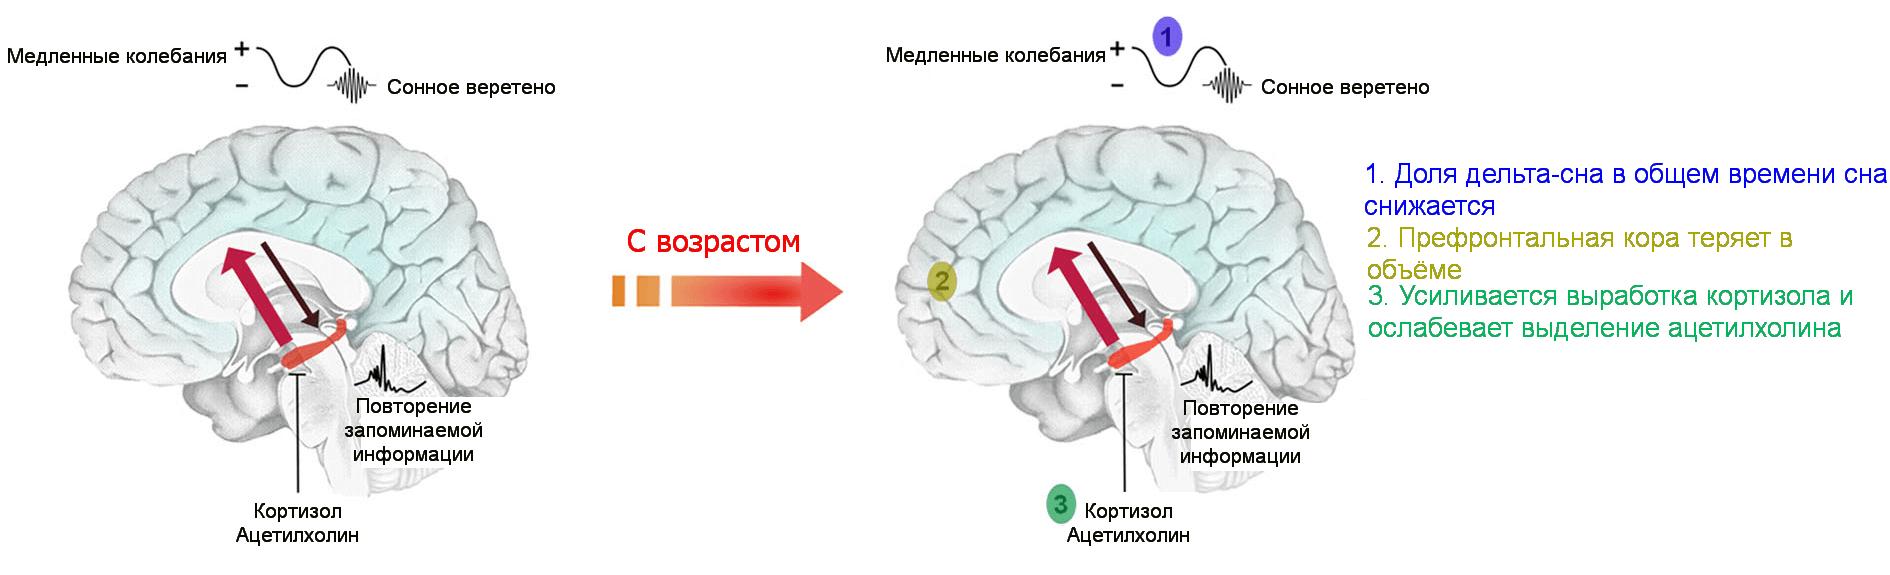 tabletki-dlya-sna-melatonin